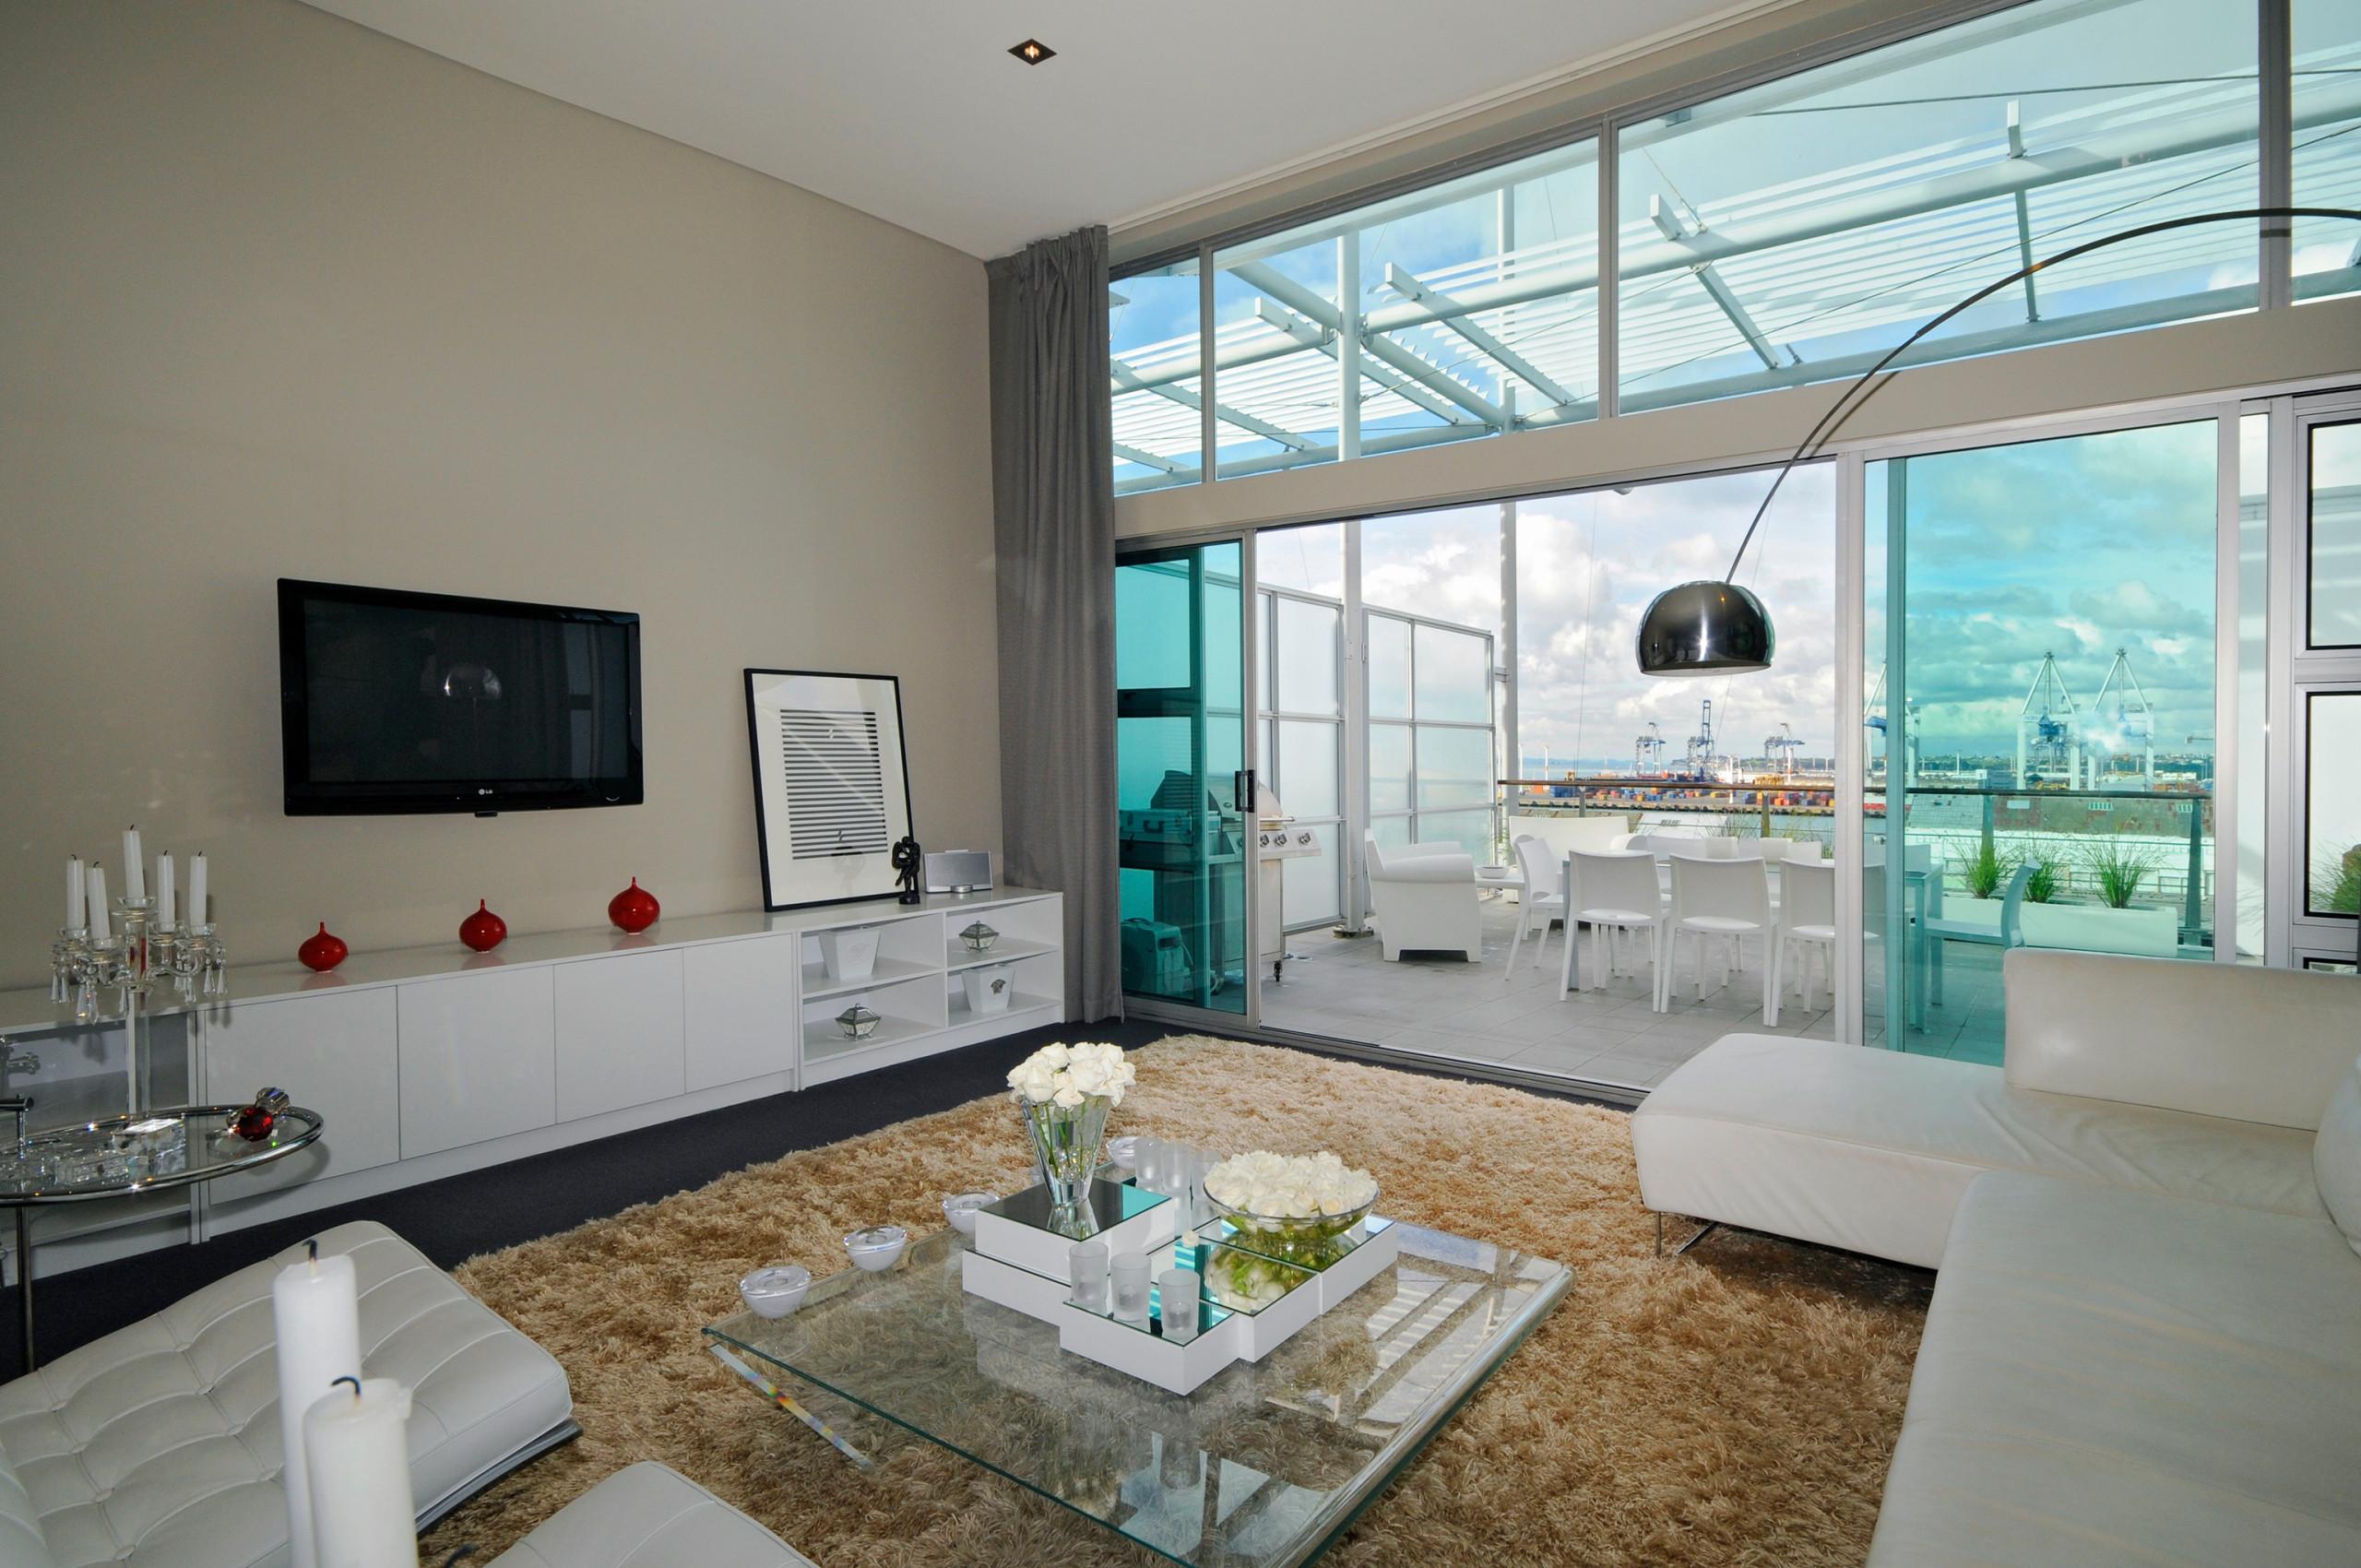 Apartment Interiors